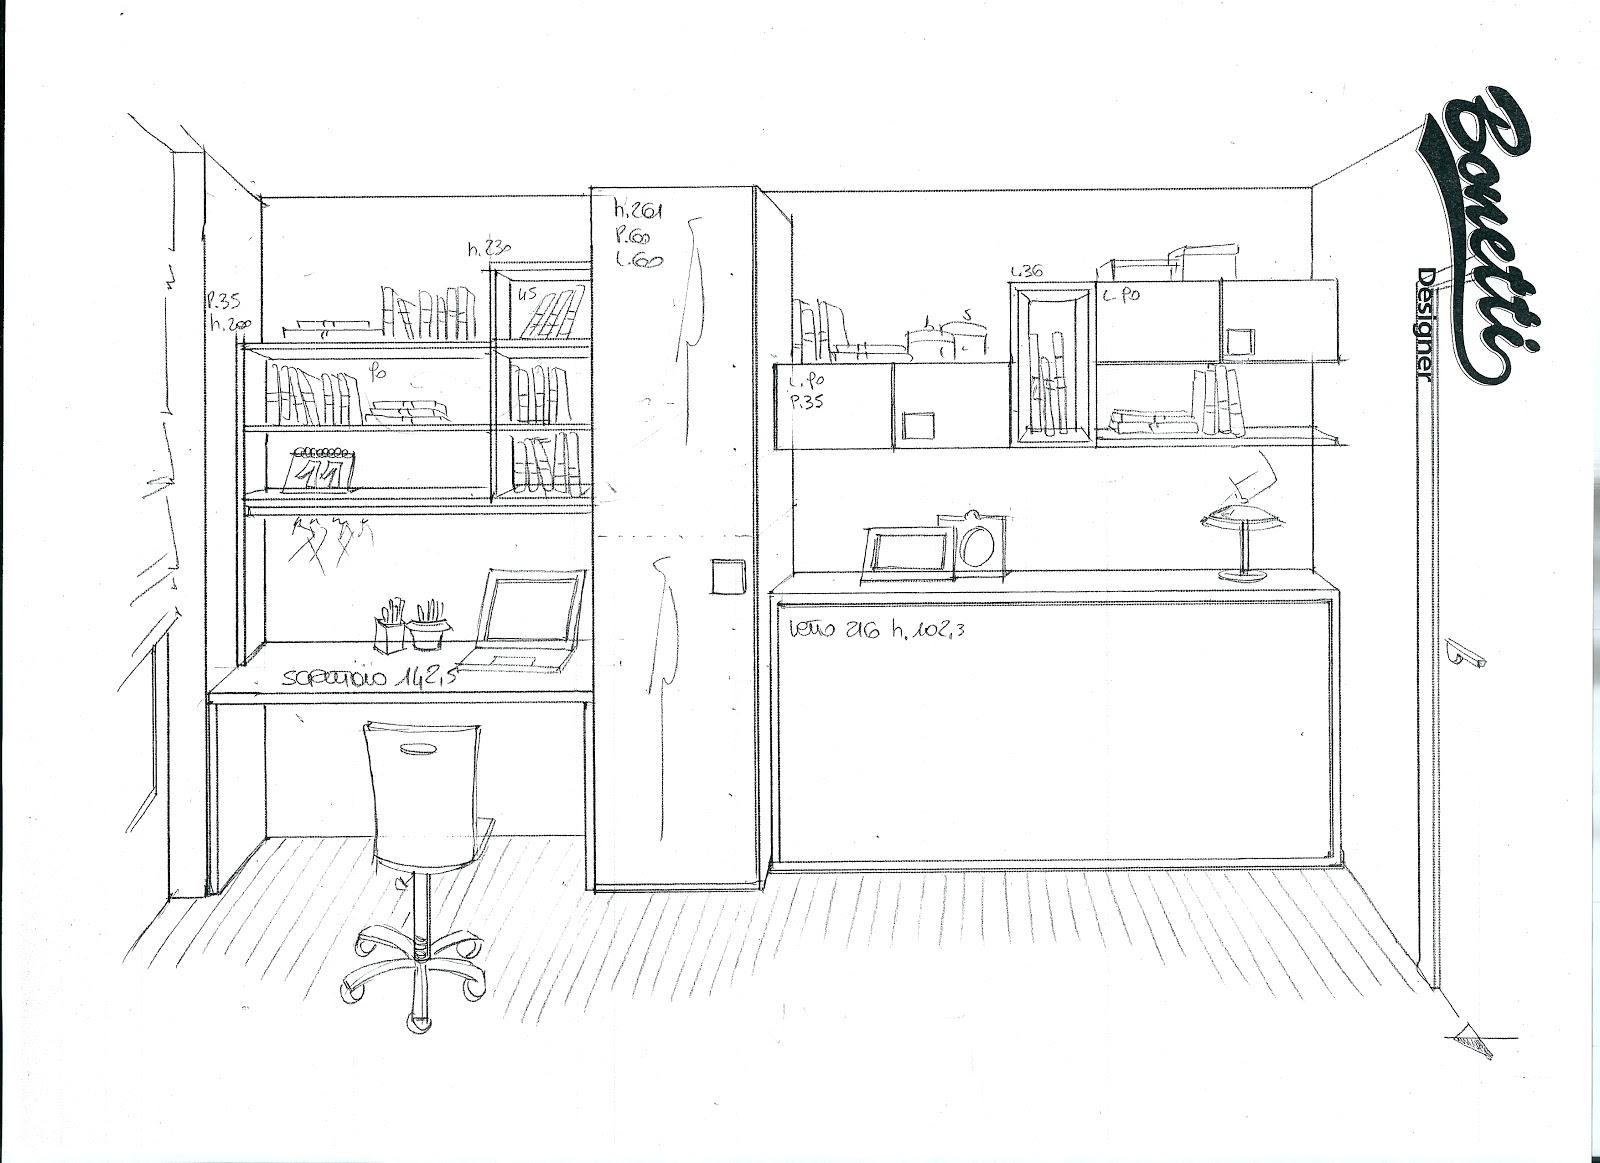 Bonetti camerette bonetti bedrooms aprile 2013 for Progettare un layout di una stanza online gratuitamente